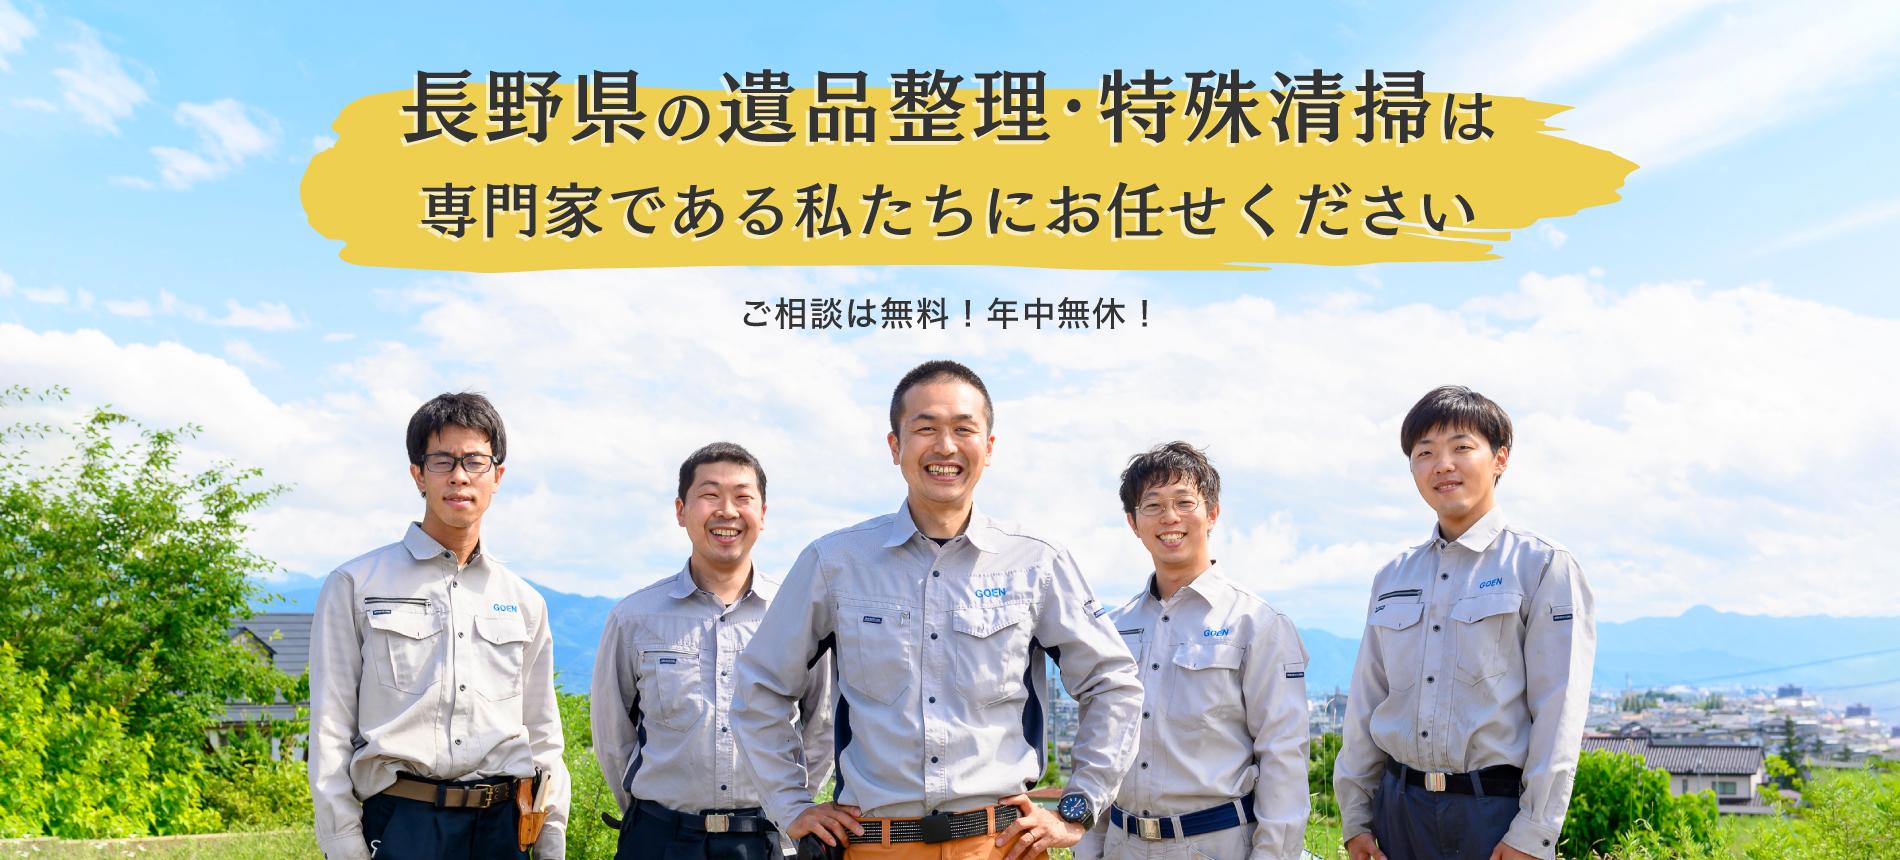 長野県の遺品整理・特殊清掃は専門家である私達にお任せ下さい。情熱と真心でお迎えします。